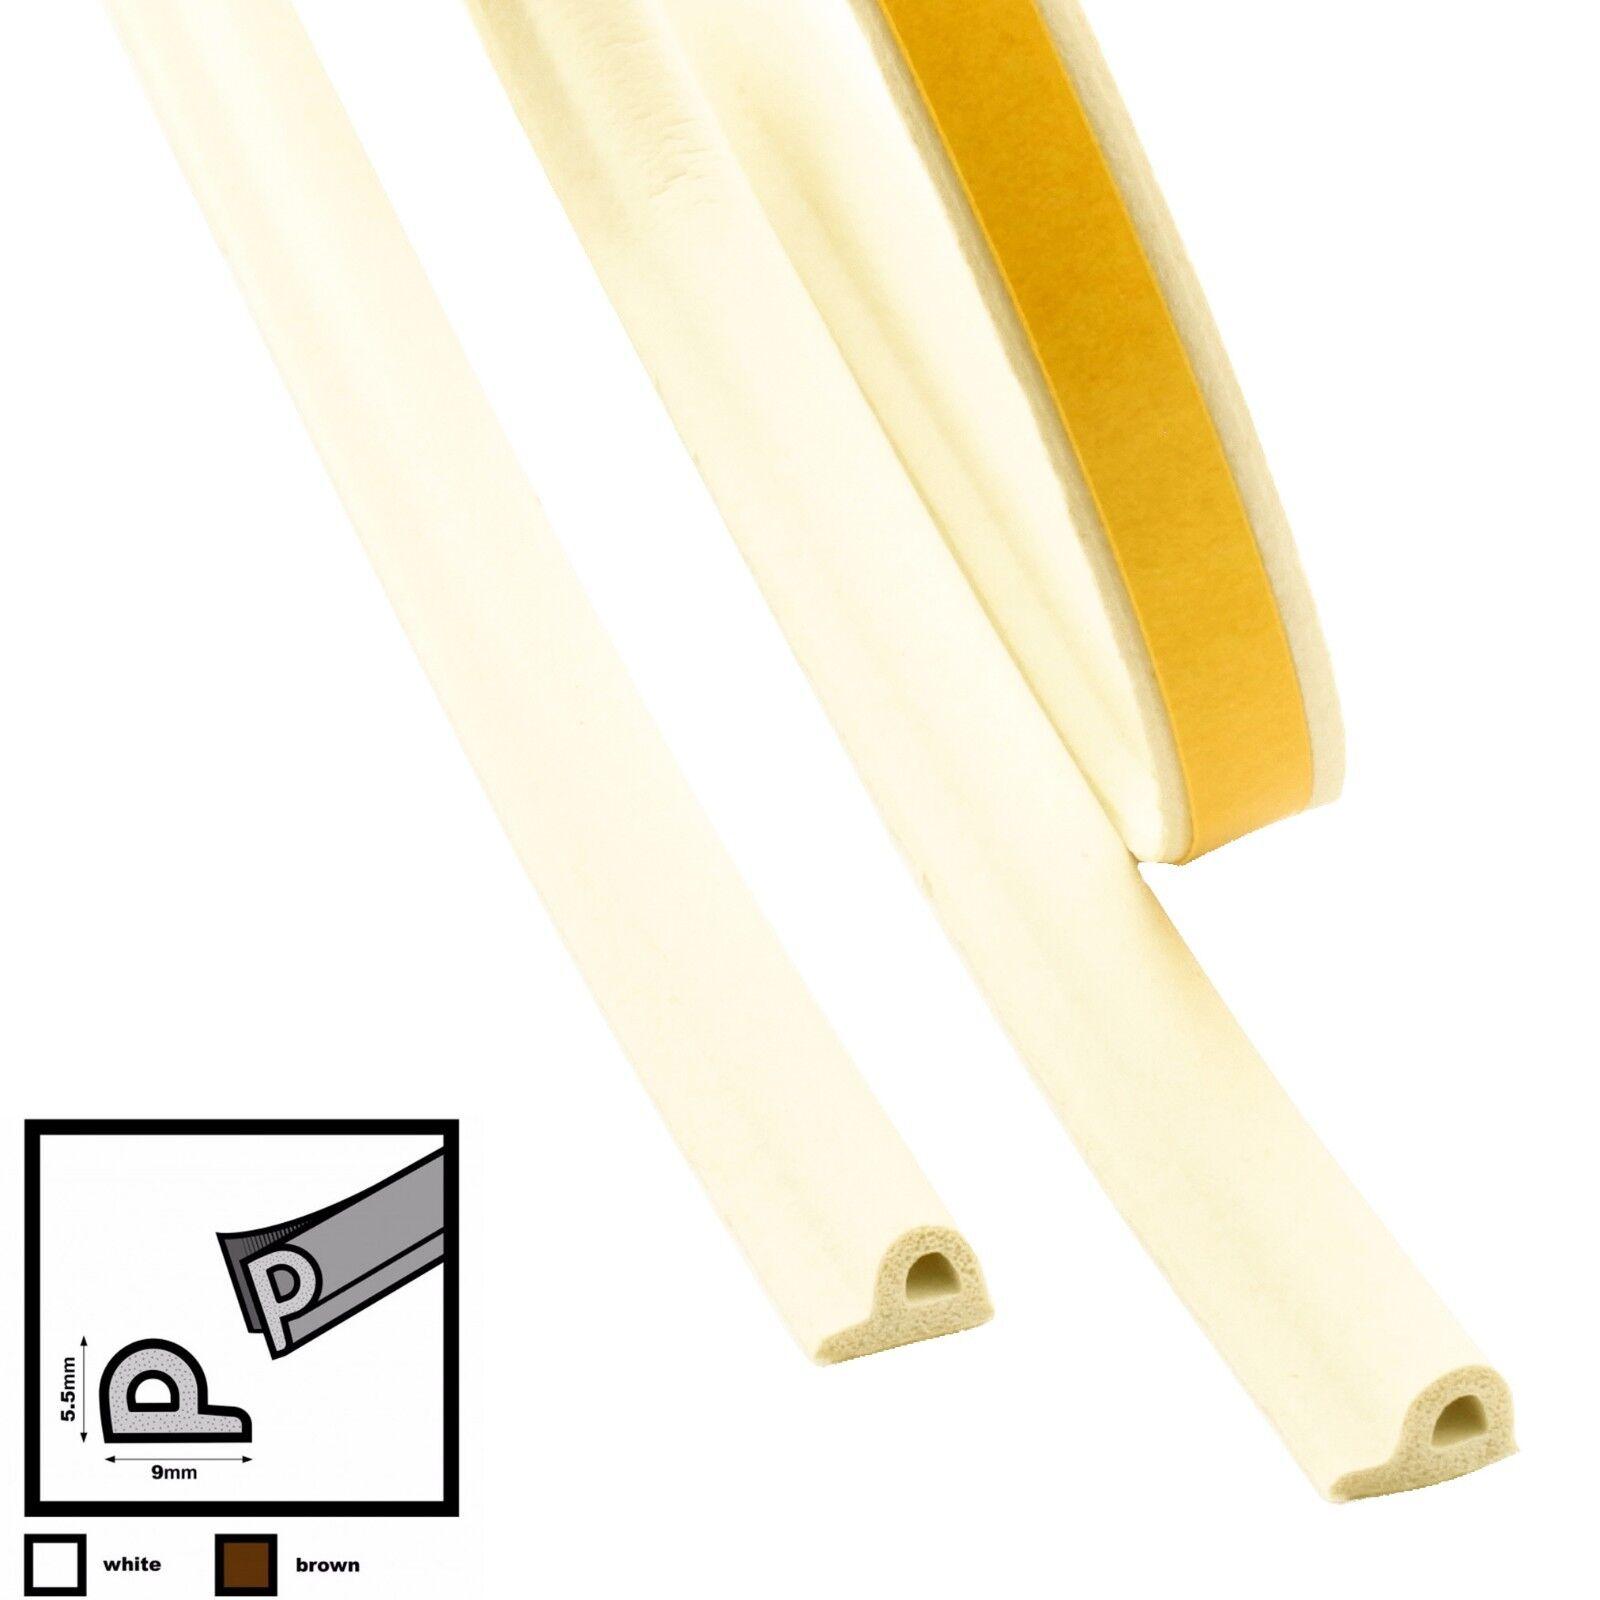 Türdichtung selbstklebend Profil D E P V EPDM EPDM EPDM türdichtba PVC selbstklebend | Ruf zuerst  a9dac9